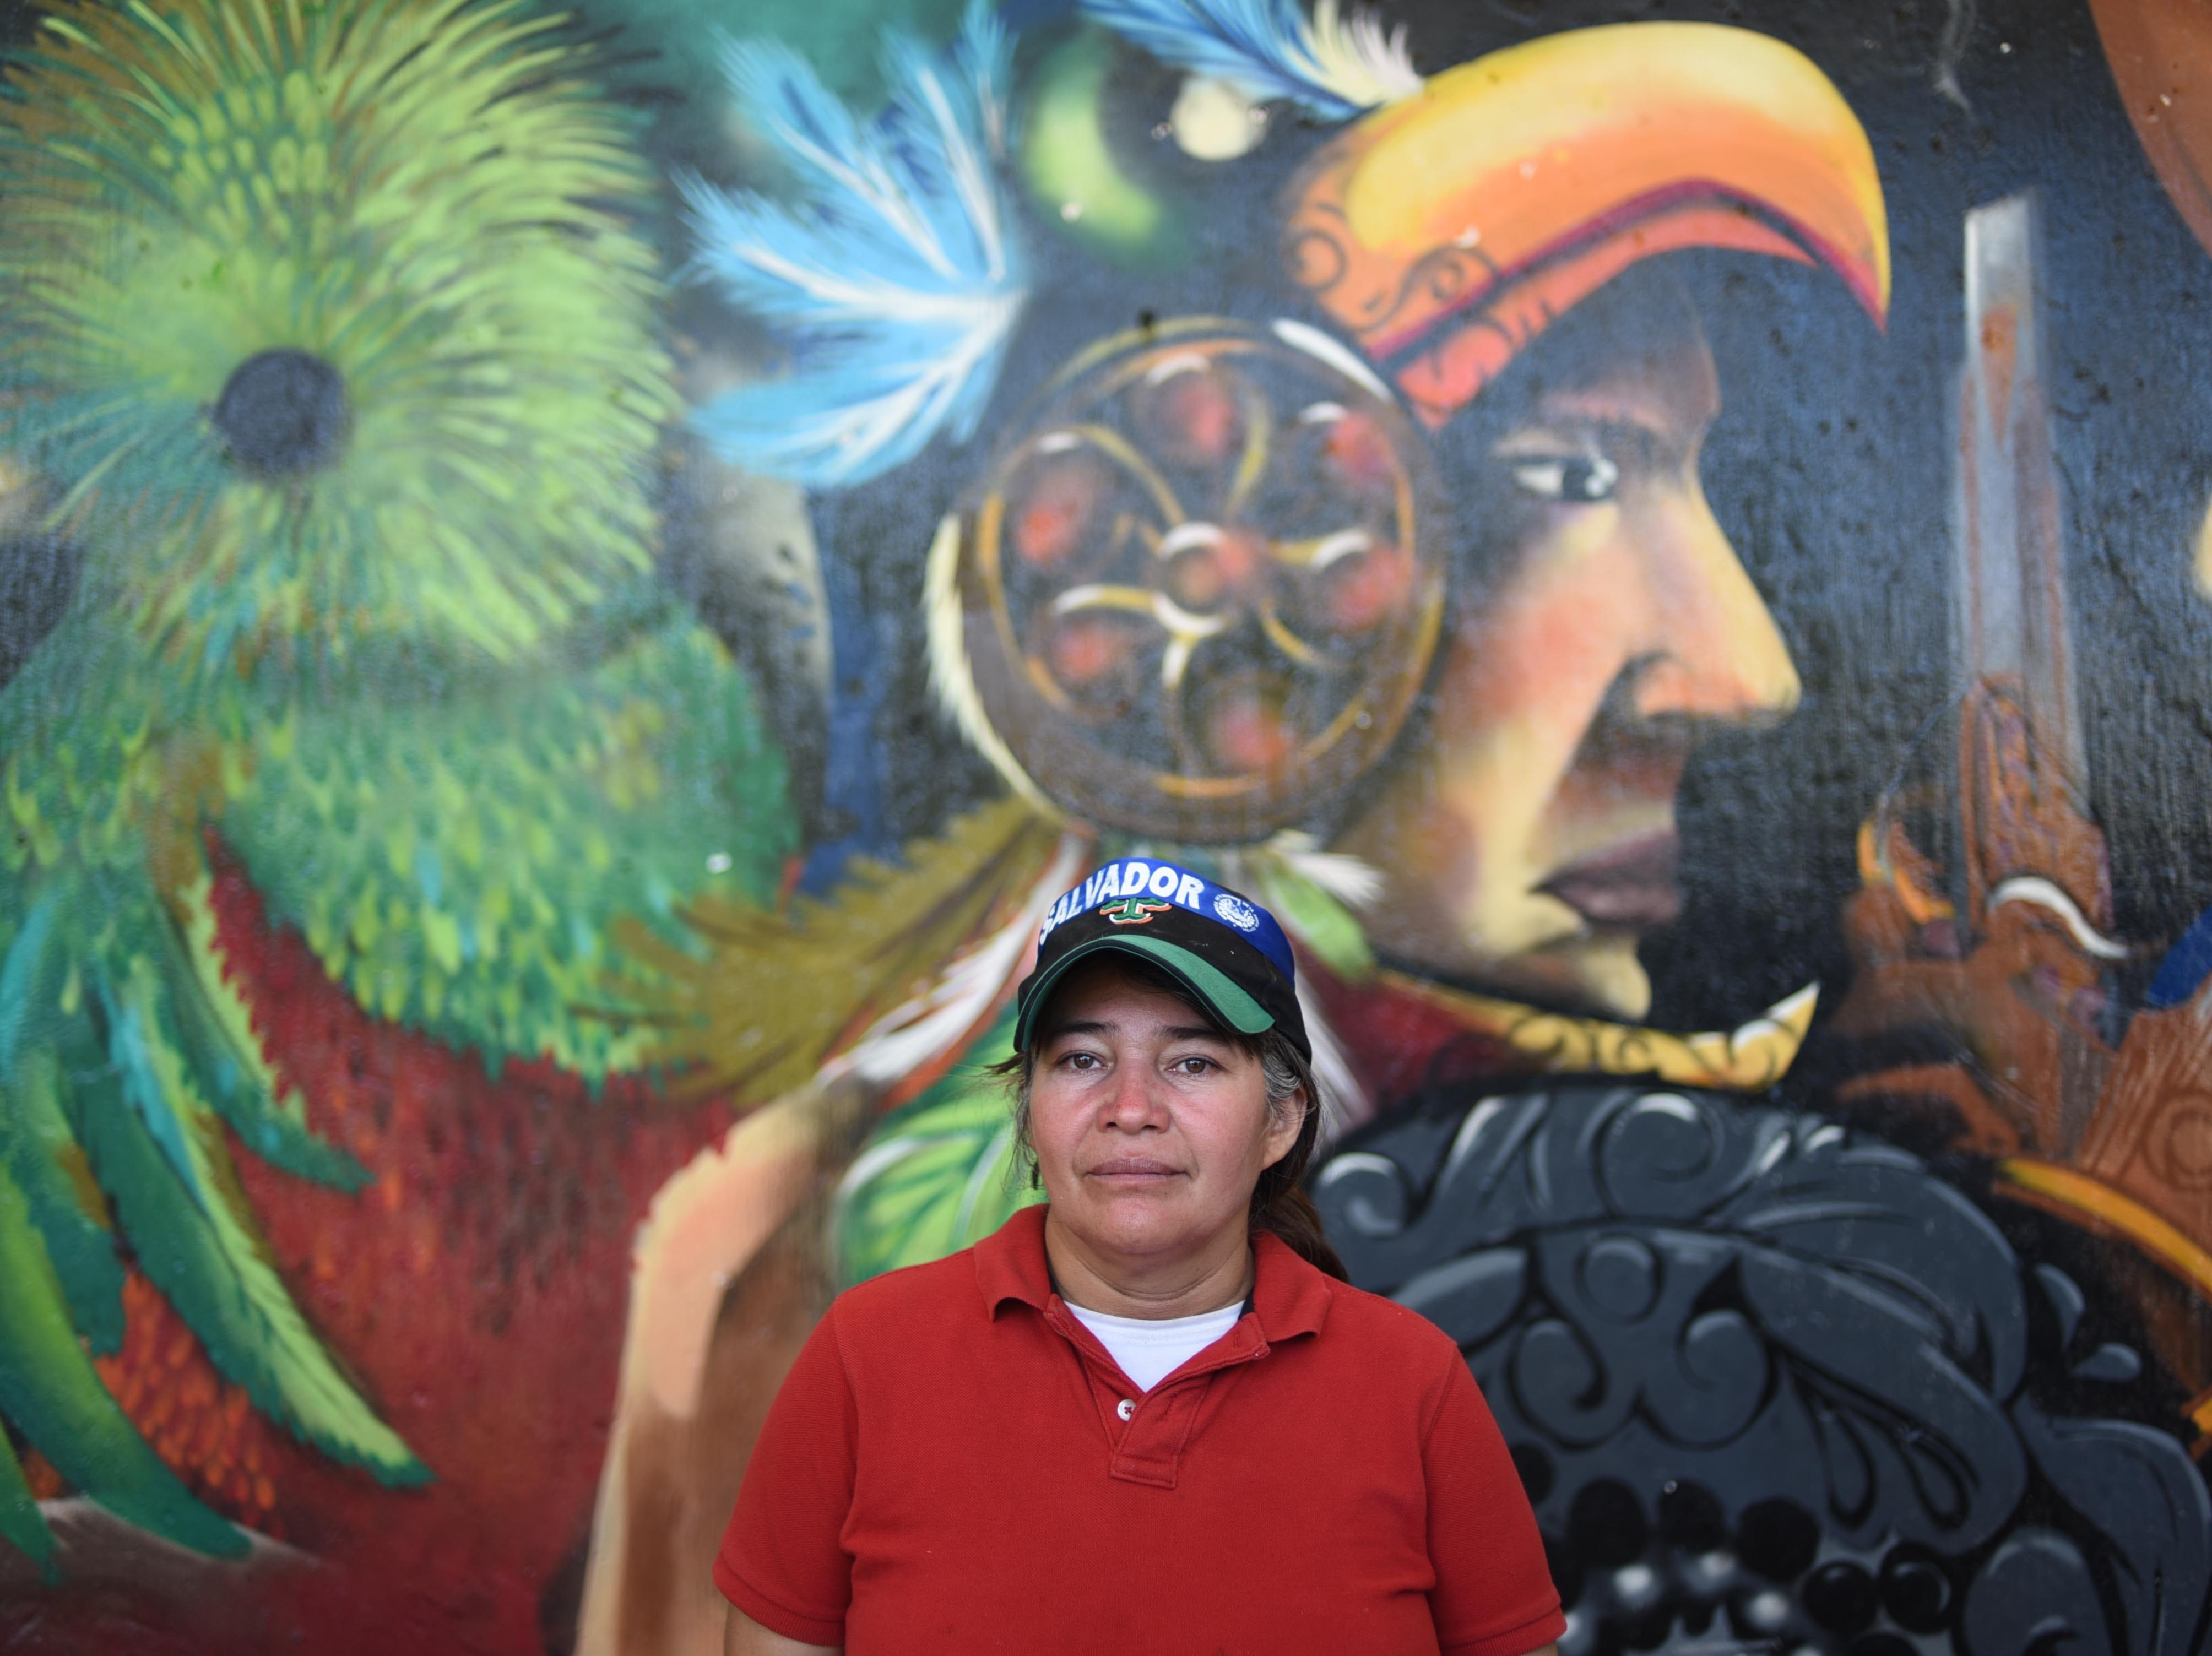 Una migrante salvadoreña se toma una foto frente aun mural de Cuauhtémoc, en la ciudad de Tecun Uman, en Guatemala. Estos son los rostros de los migrantes centroamericanos que huyen de la pobreza y violencia que se vive en sus países; y que por medio de una caravana caminan cientos de kilómetros cruzando ciudades, ríos, carreteras, bosques y fronteras, con el firme propósito de hacer realidad su sueño de llegar a los Estados Unidos.